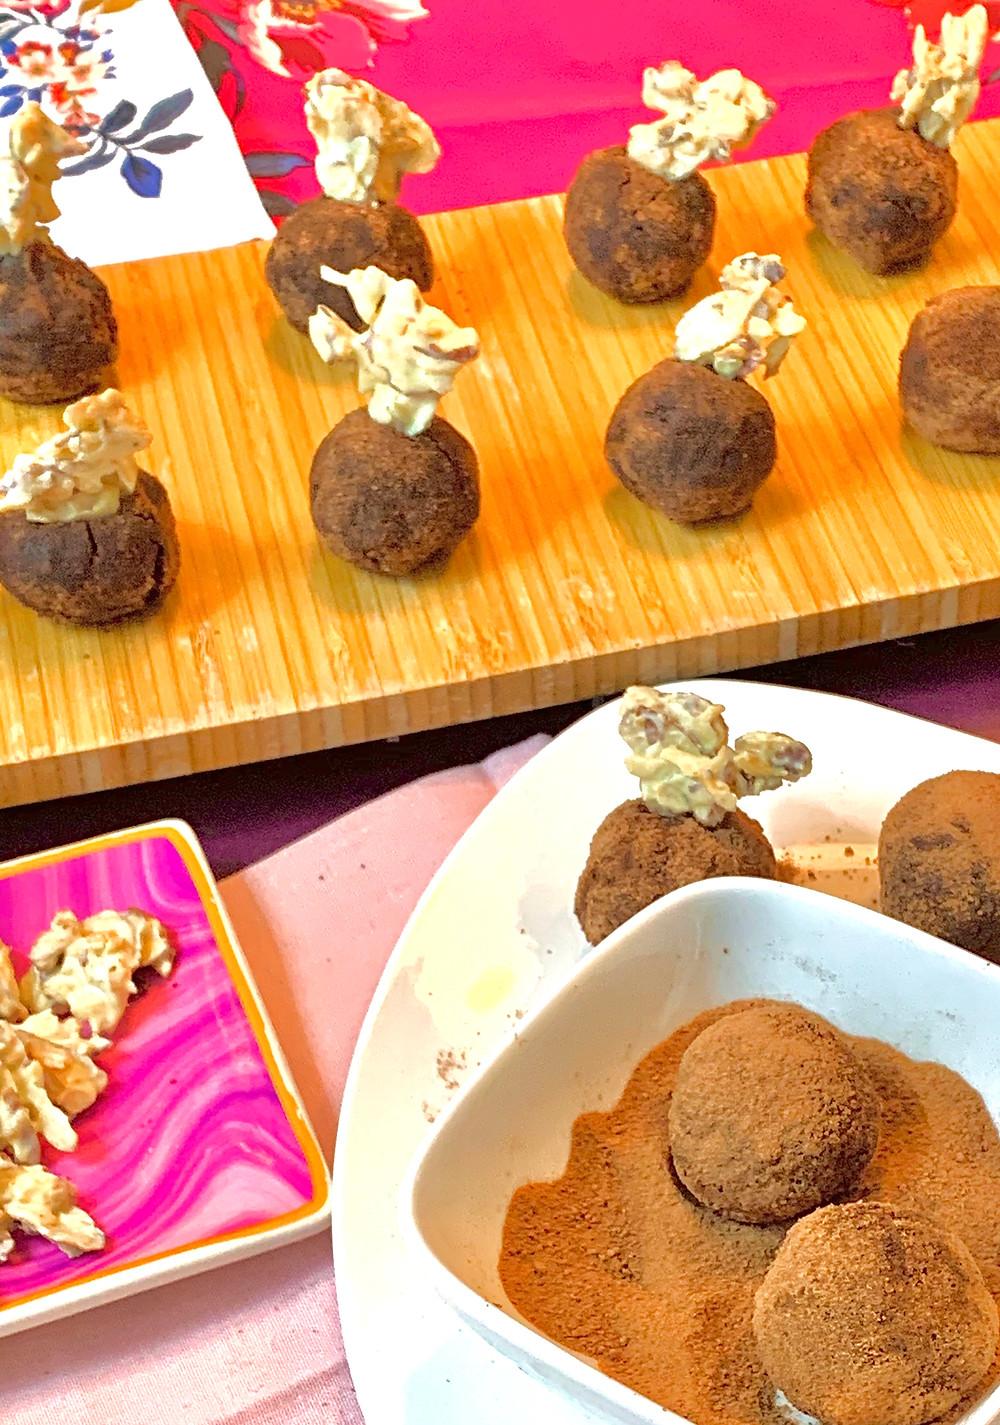 Gluten-Free Chocolate Tahini Truffles